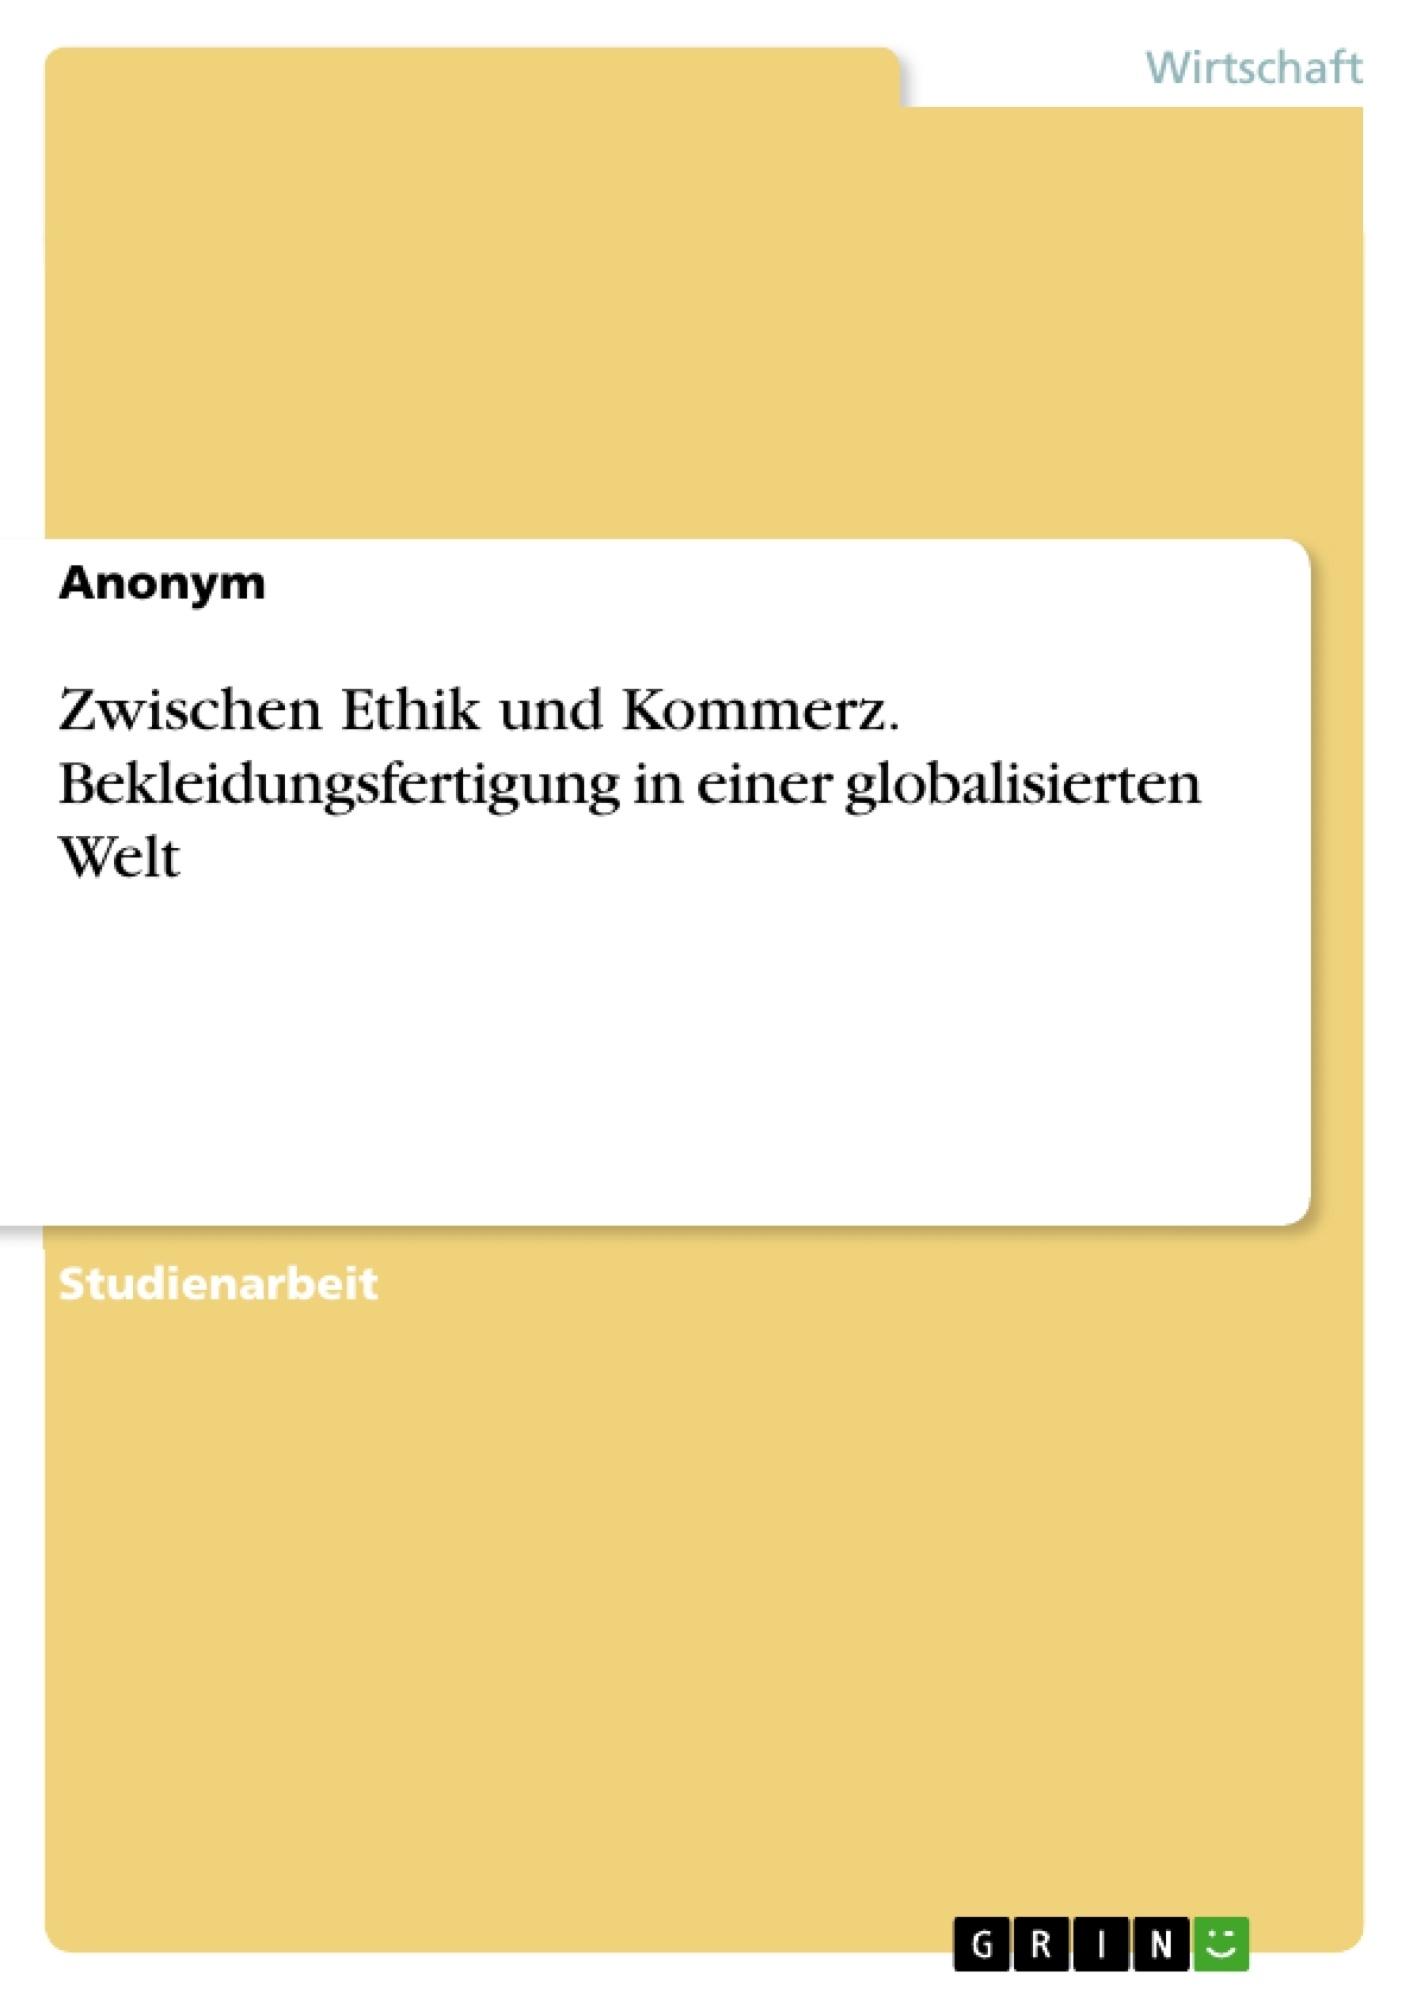 Titel: Zwischen Ethik und Kommerz. Bekleidungsfertigung in einer globalisierten Welt